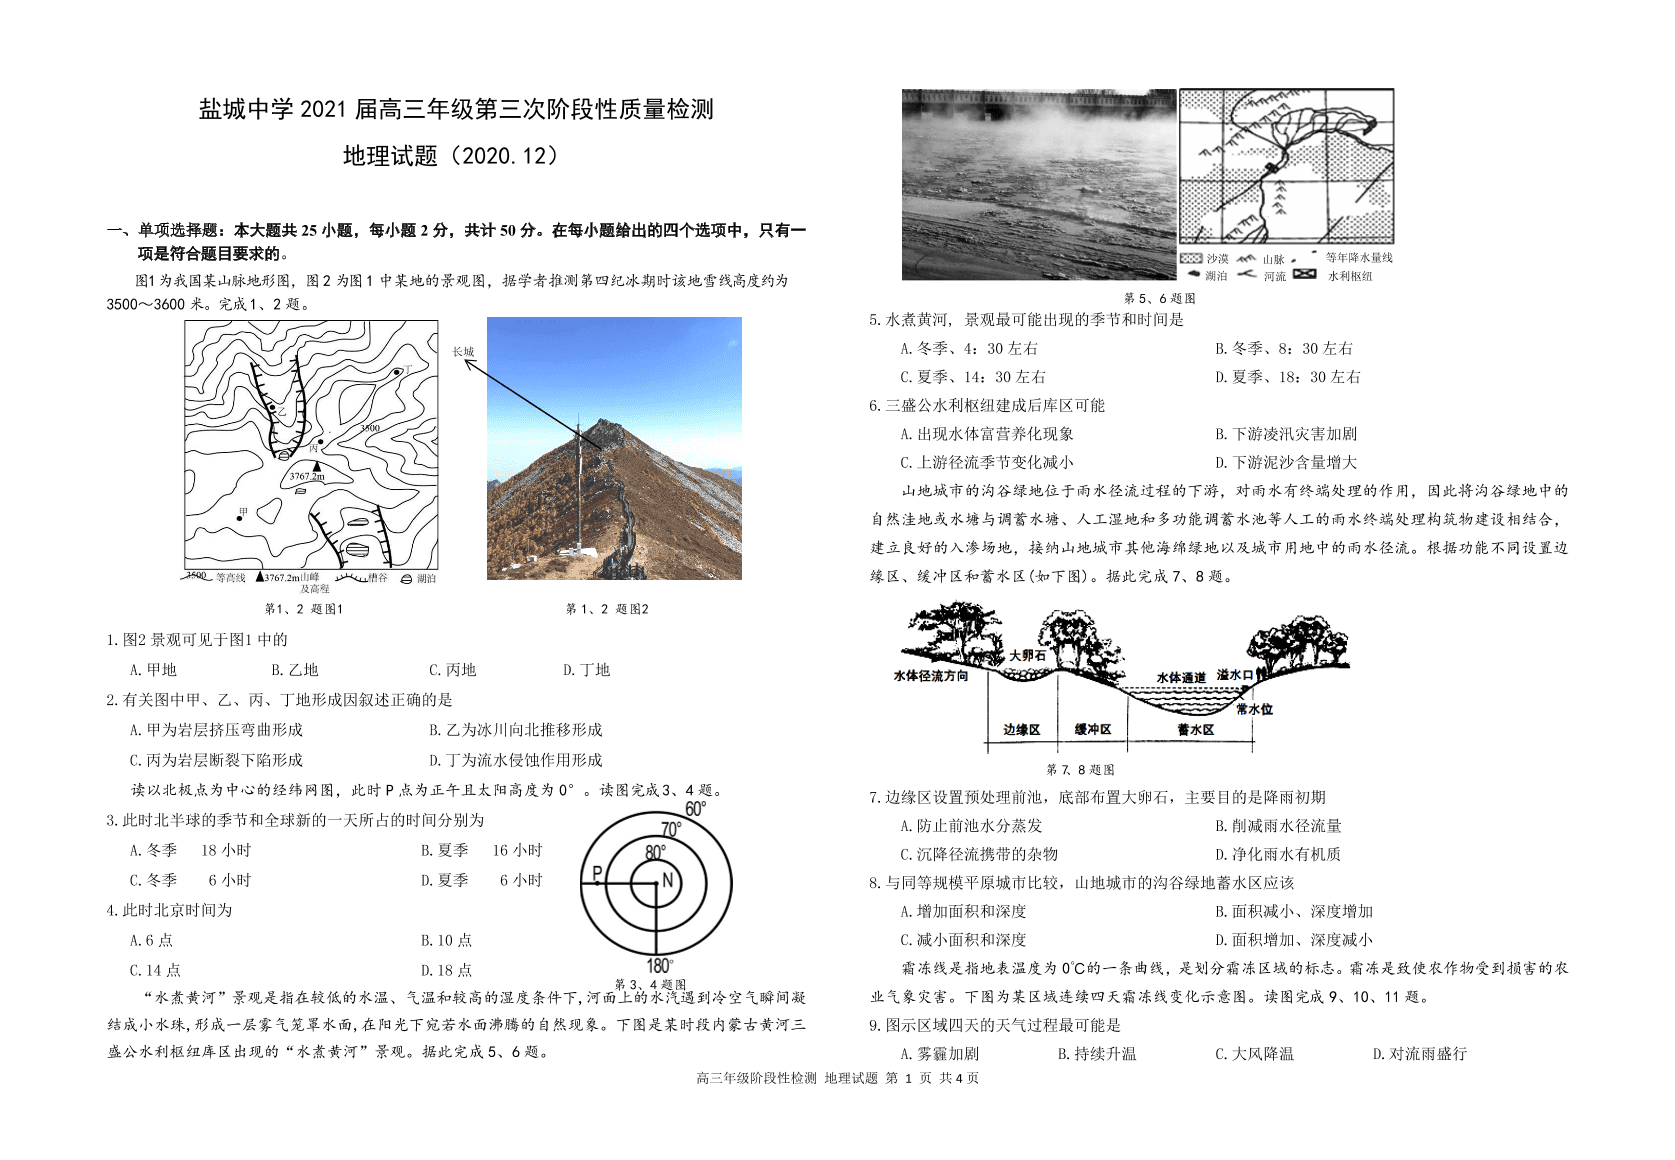 江苏省盐城中学2021届高三地理12月阶段检测试题(附答案Word版)